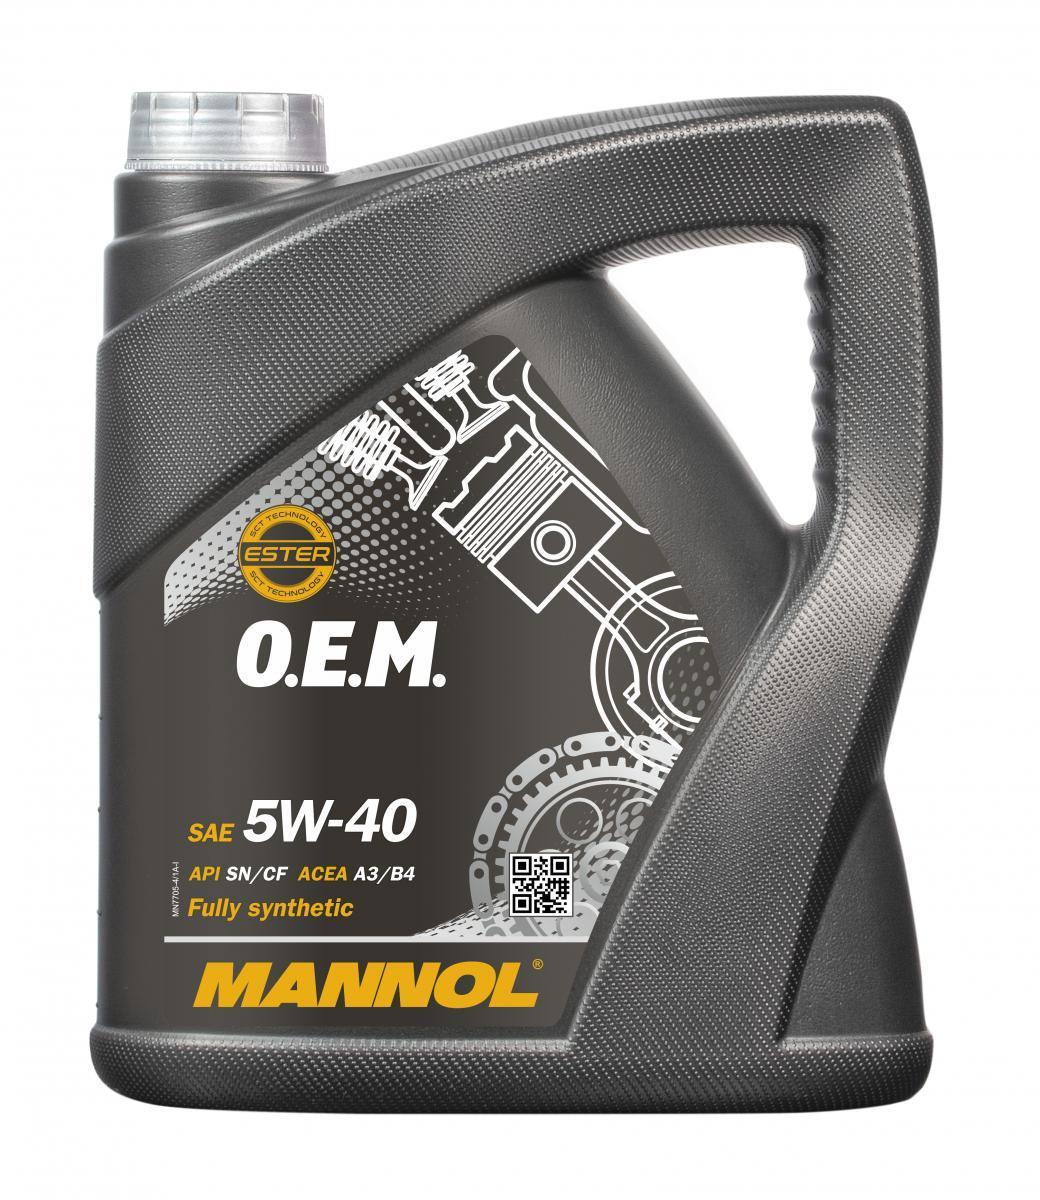 Achat de MN7705-4 MANNOL O.E.M. 5W-40, 4I, Huile synthétique Huile moteur MN7705-4 pas chères